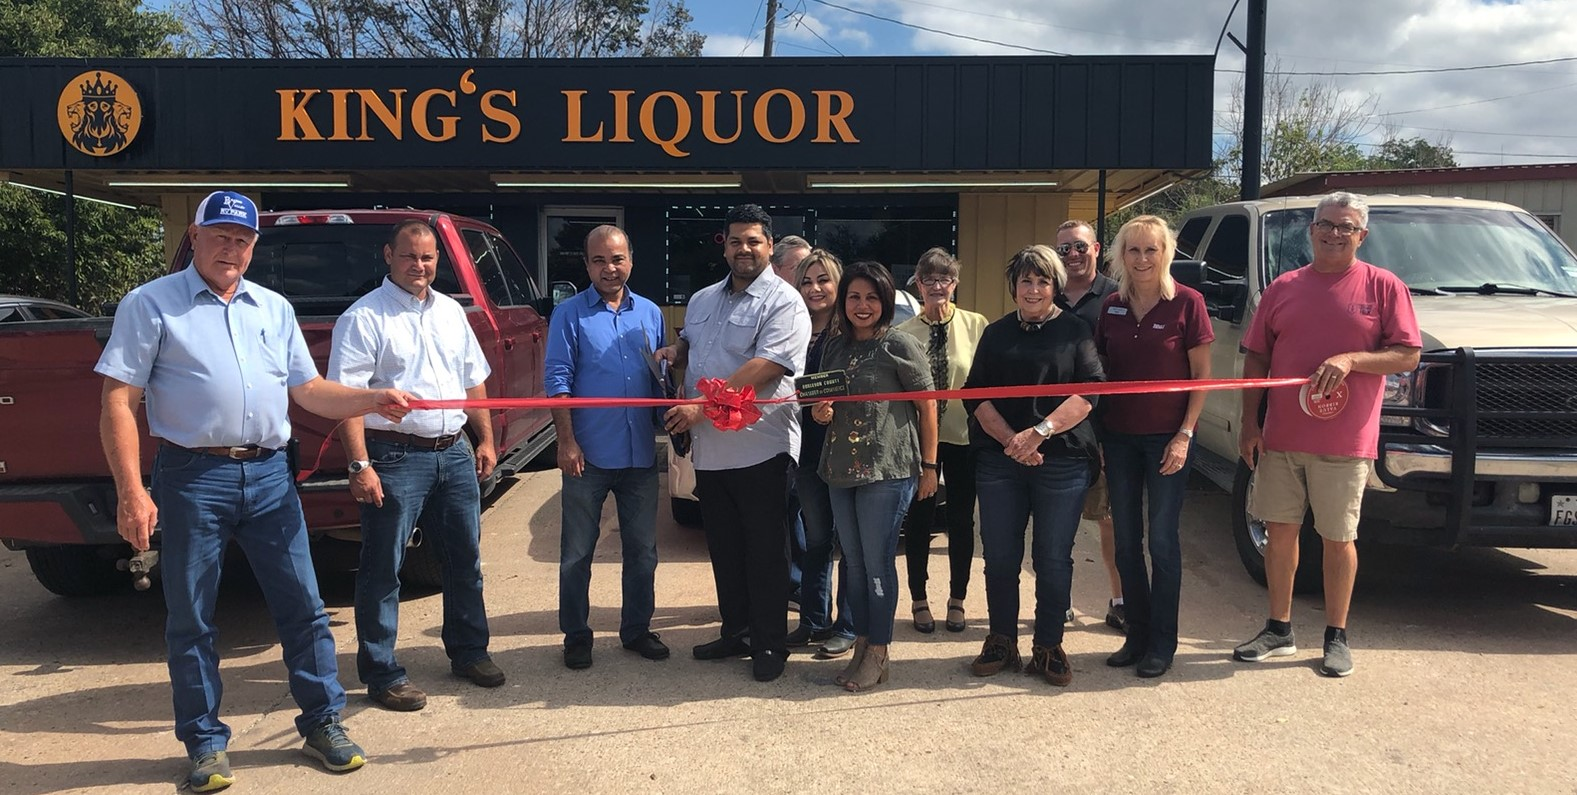 King's-Liquor.jpg